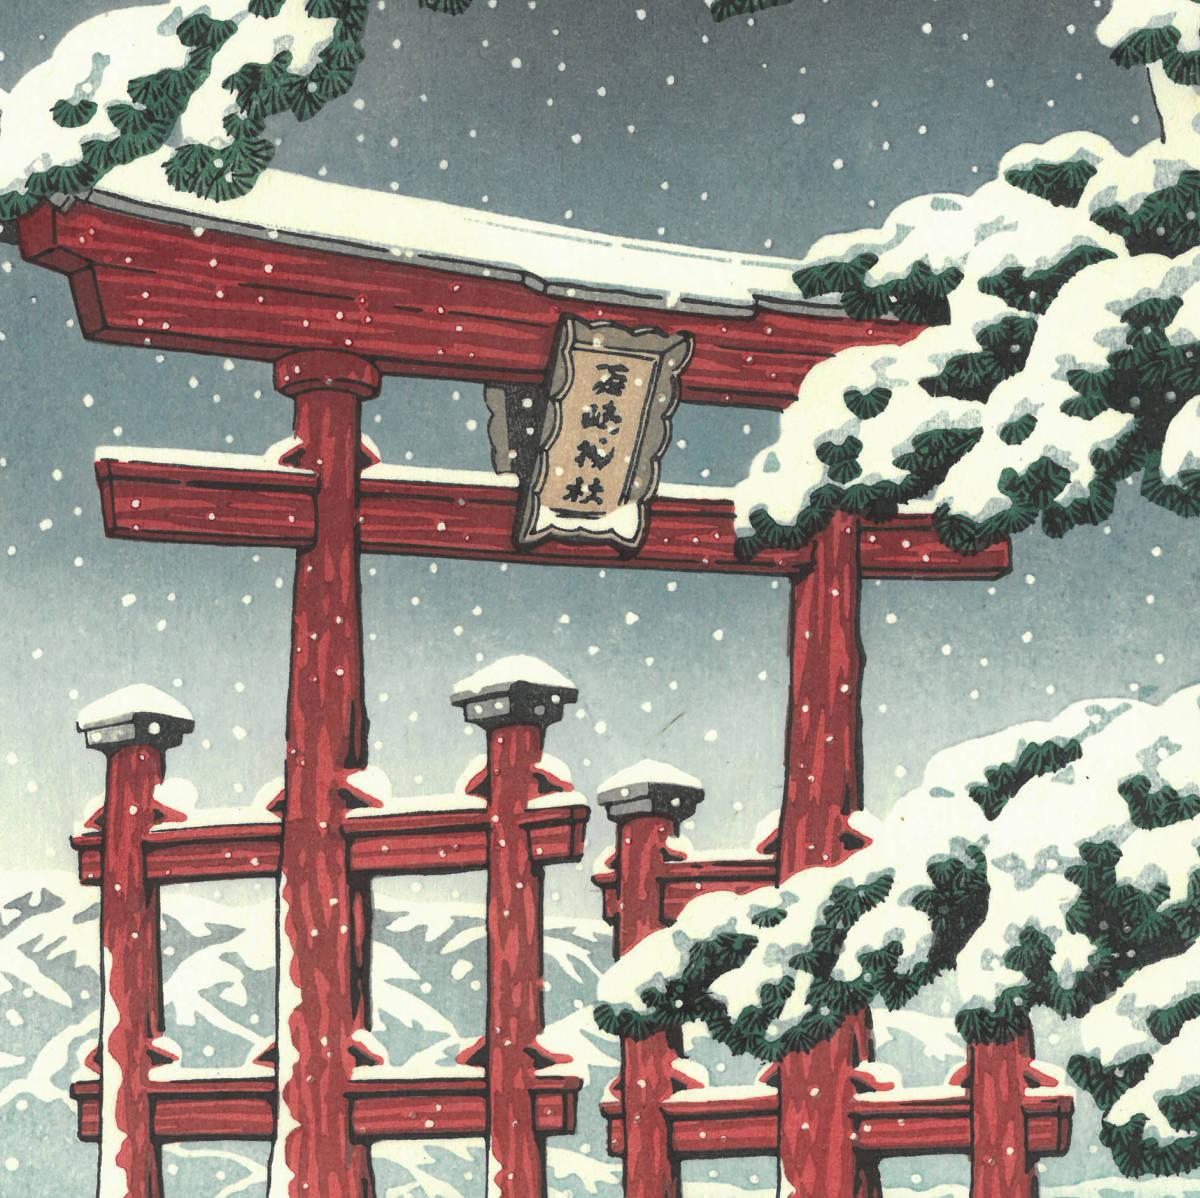 川瀬巴水 木版画 HKS-2  雪の宮島 初版 1929年 昭和4年 (新版画) 最高峰の摺師による貴重な巴水木版画を堪能下さい!!_画像9